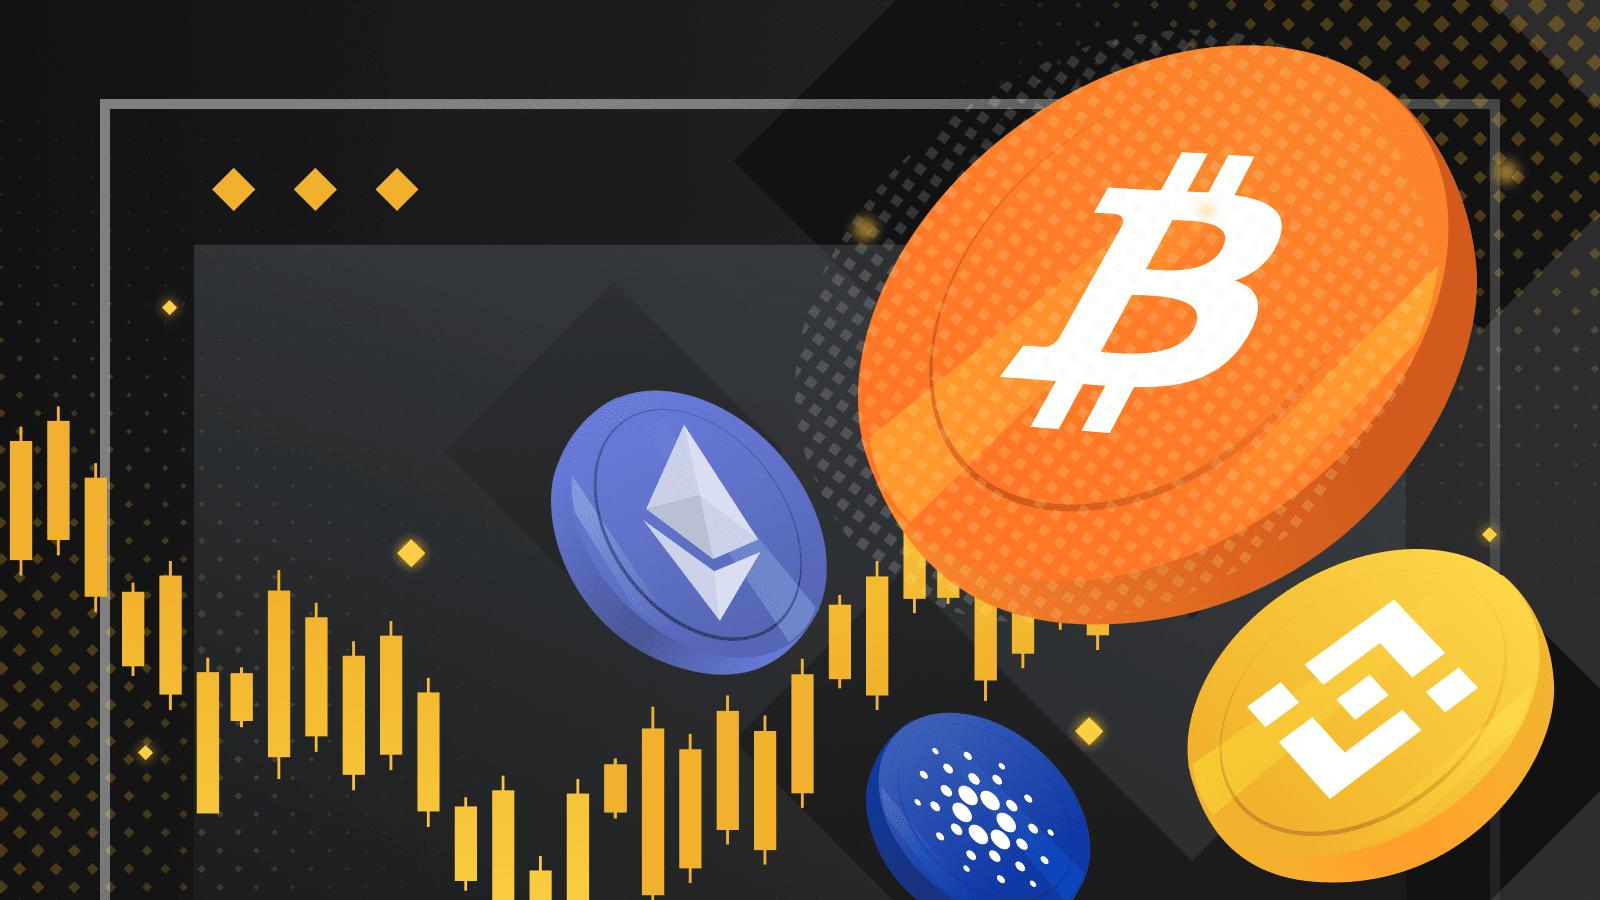 Giá Bitcoin (BTC) lấy lại sức mạnh: Nó đã đạt đến mức giá sàn chưa?